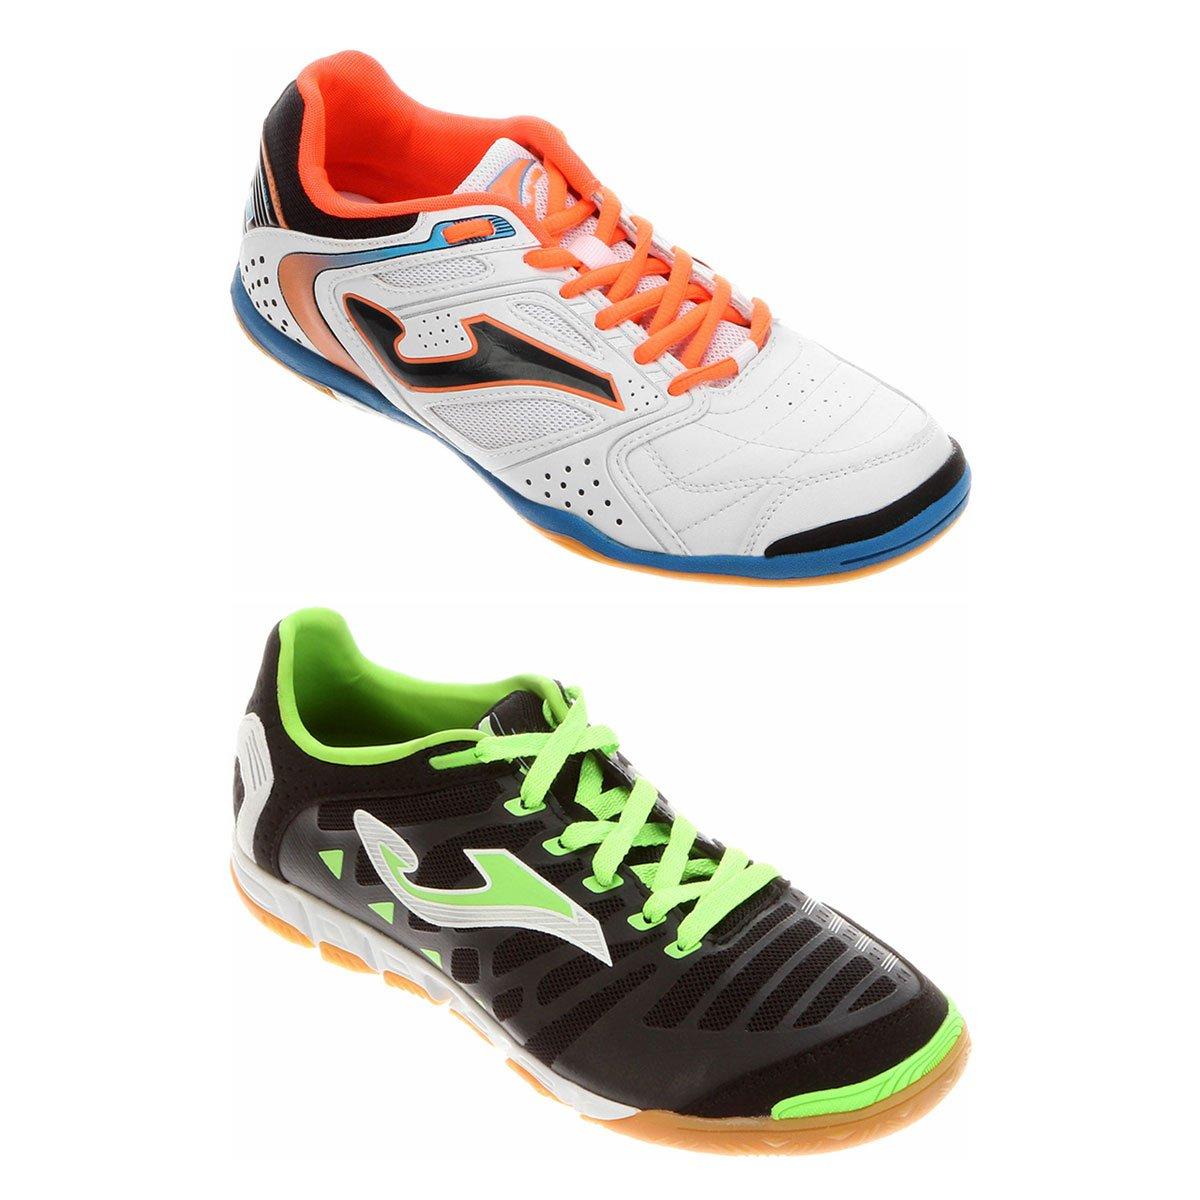 c4d1315be0 Kit Chuteira Joma Super Regate Futsal + Chuteira Joma Dribling Futsal -  Compre Agora